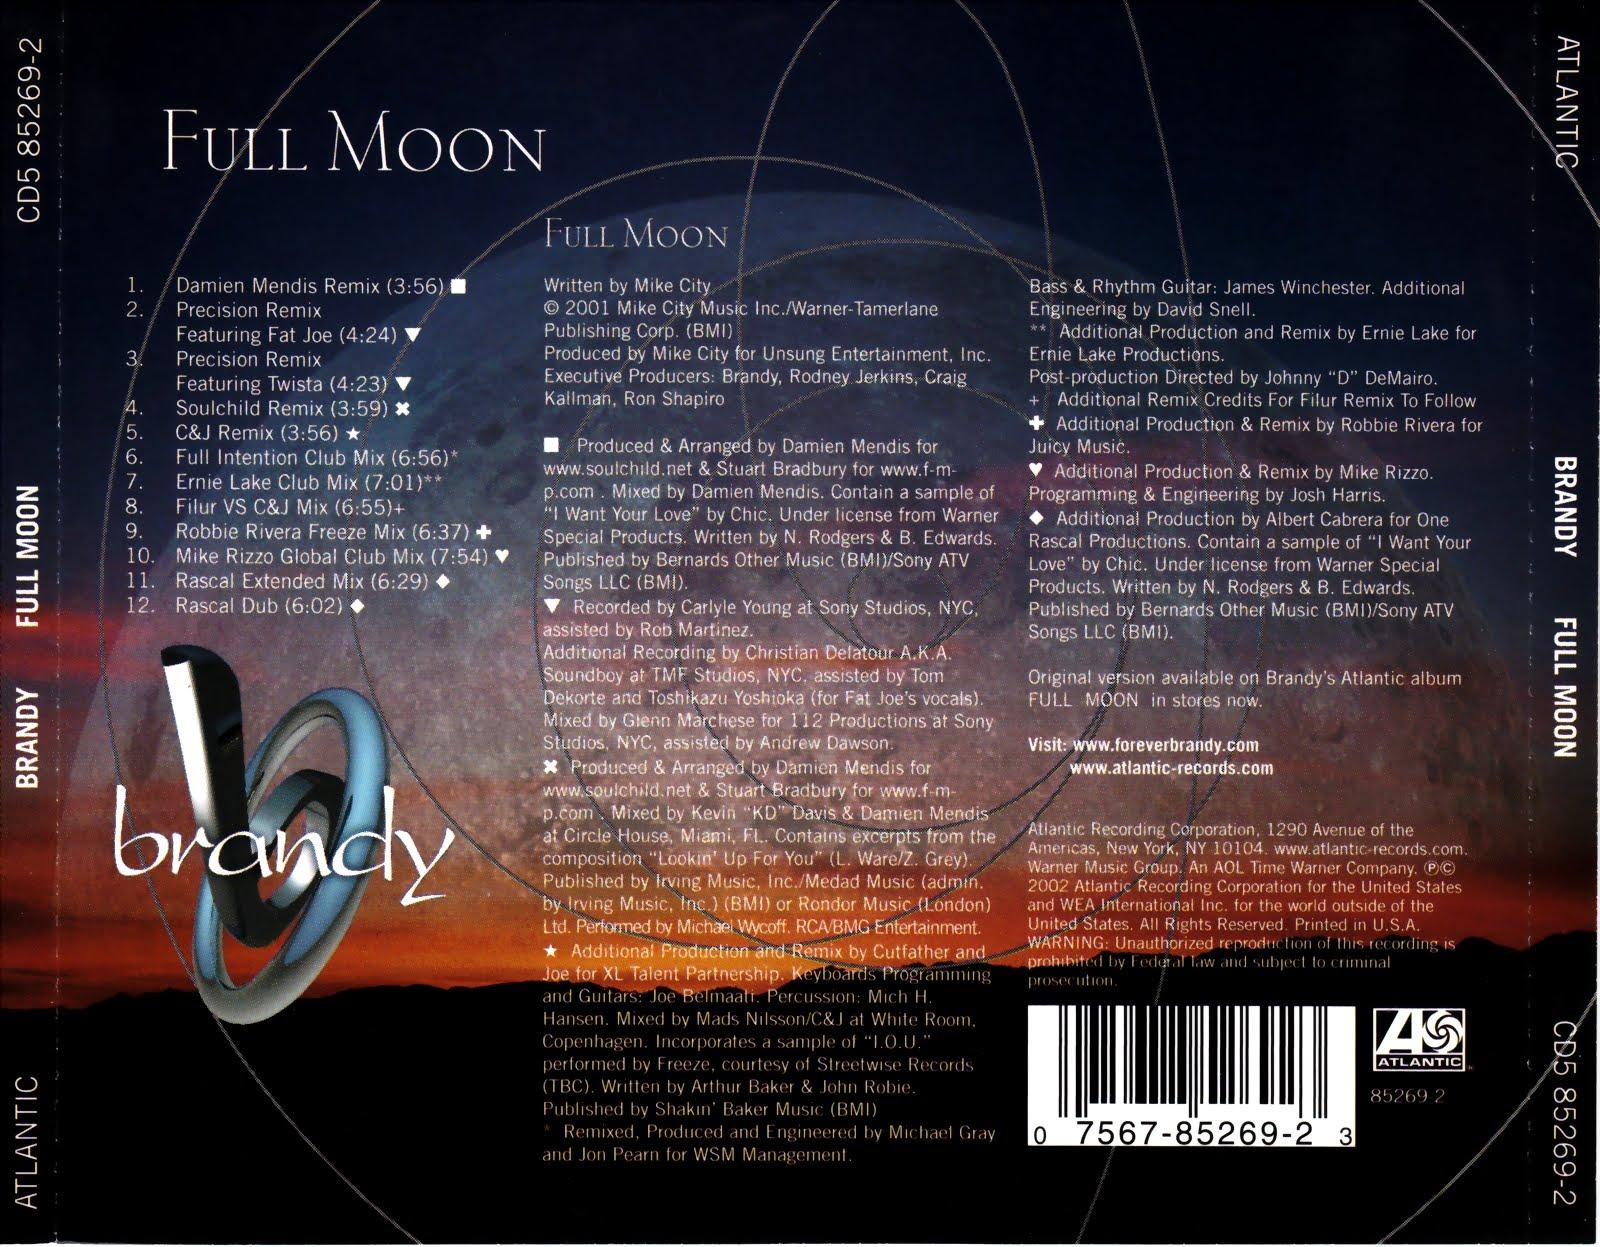 full moon now #11